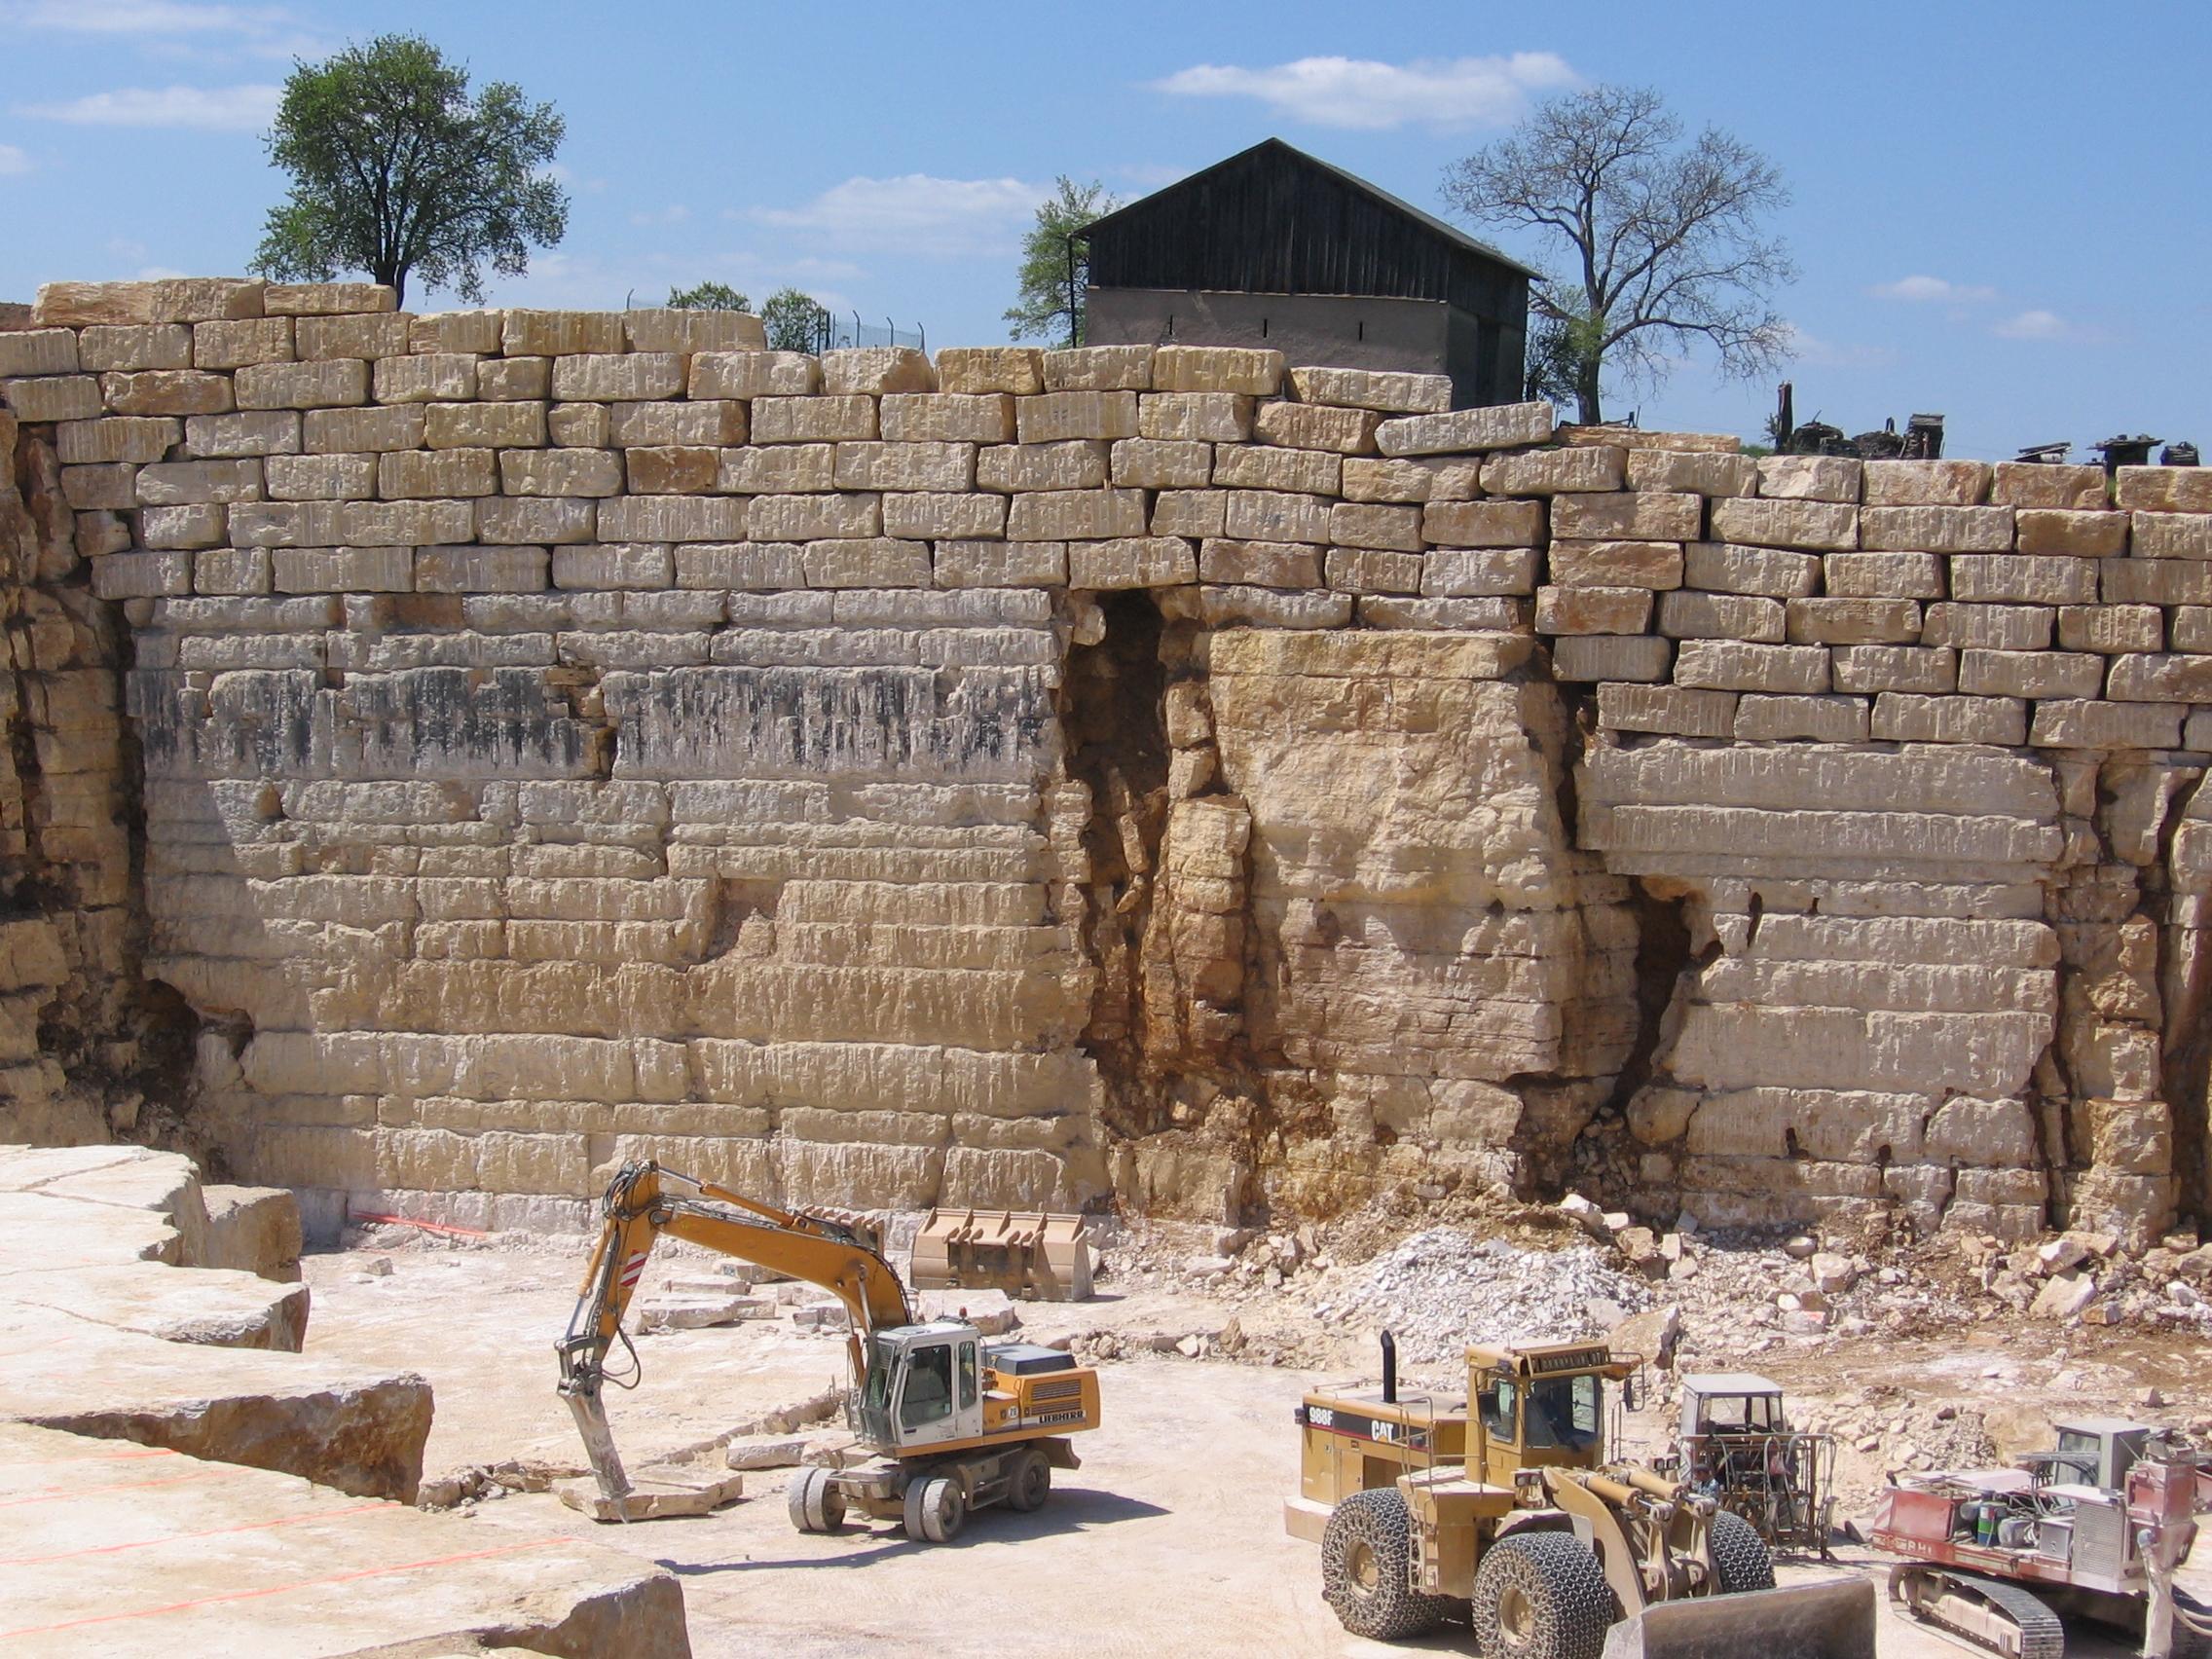 8 Jura Kalkstein aus Kaldorf nähe Eichstätt